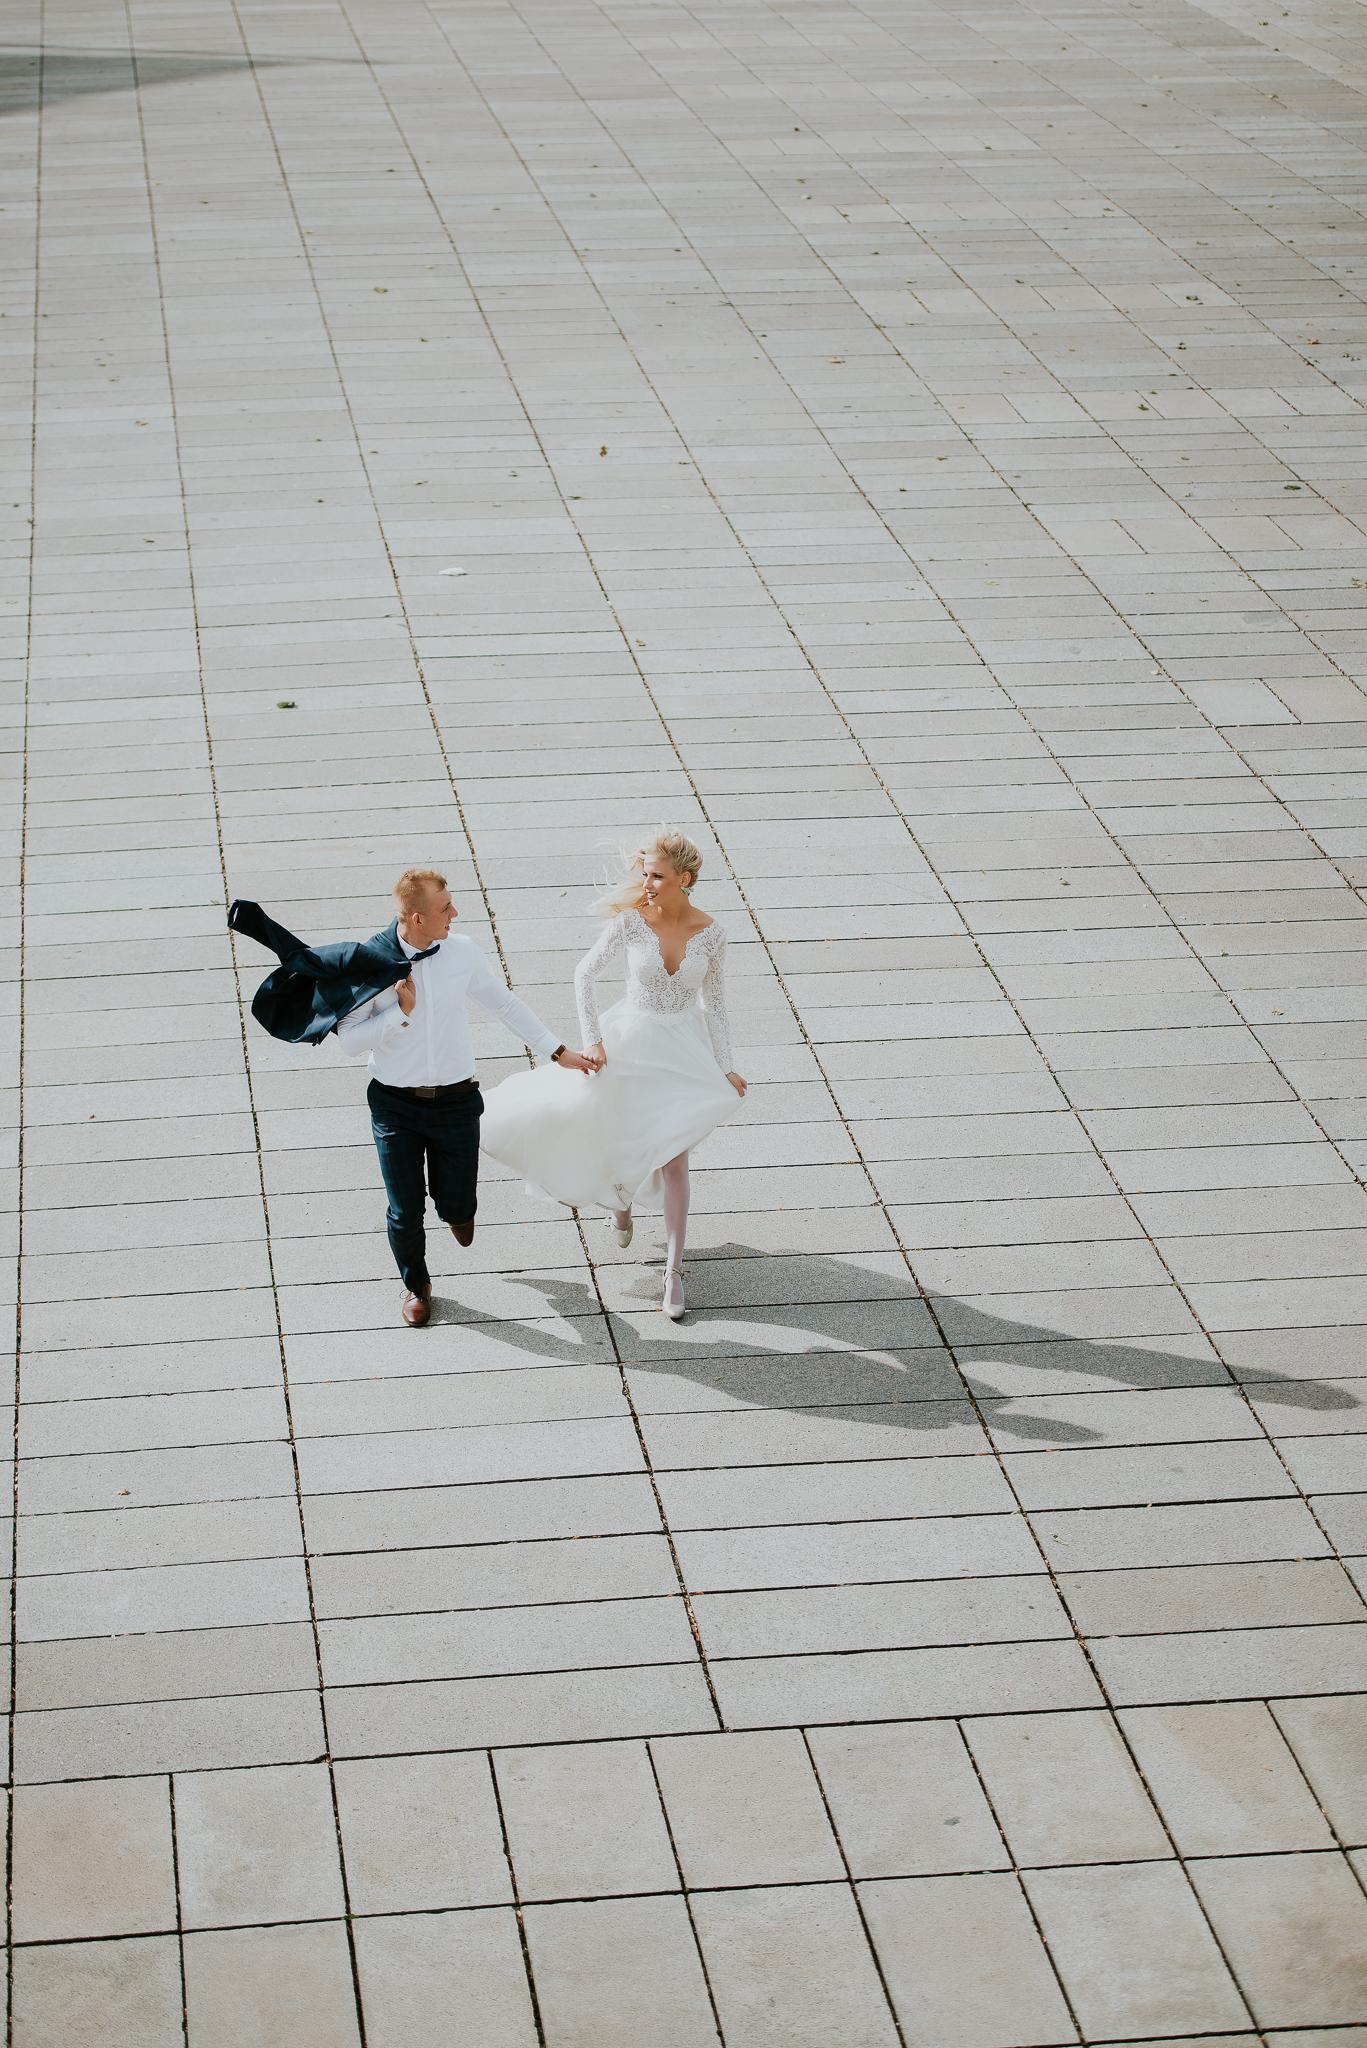 0585_Sara&Sebastian________sesja_poslubna_czechy_praga_most_karola_hradczany_fotografia_slubna_www_amfoto_pl_DSC_2032.jpg